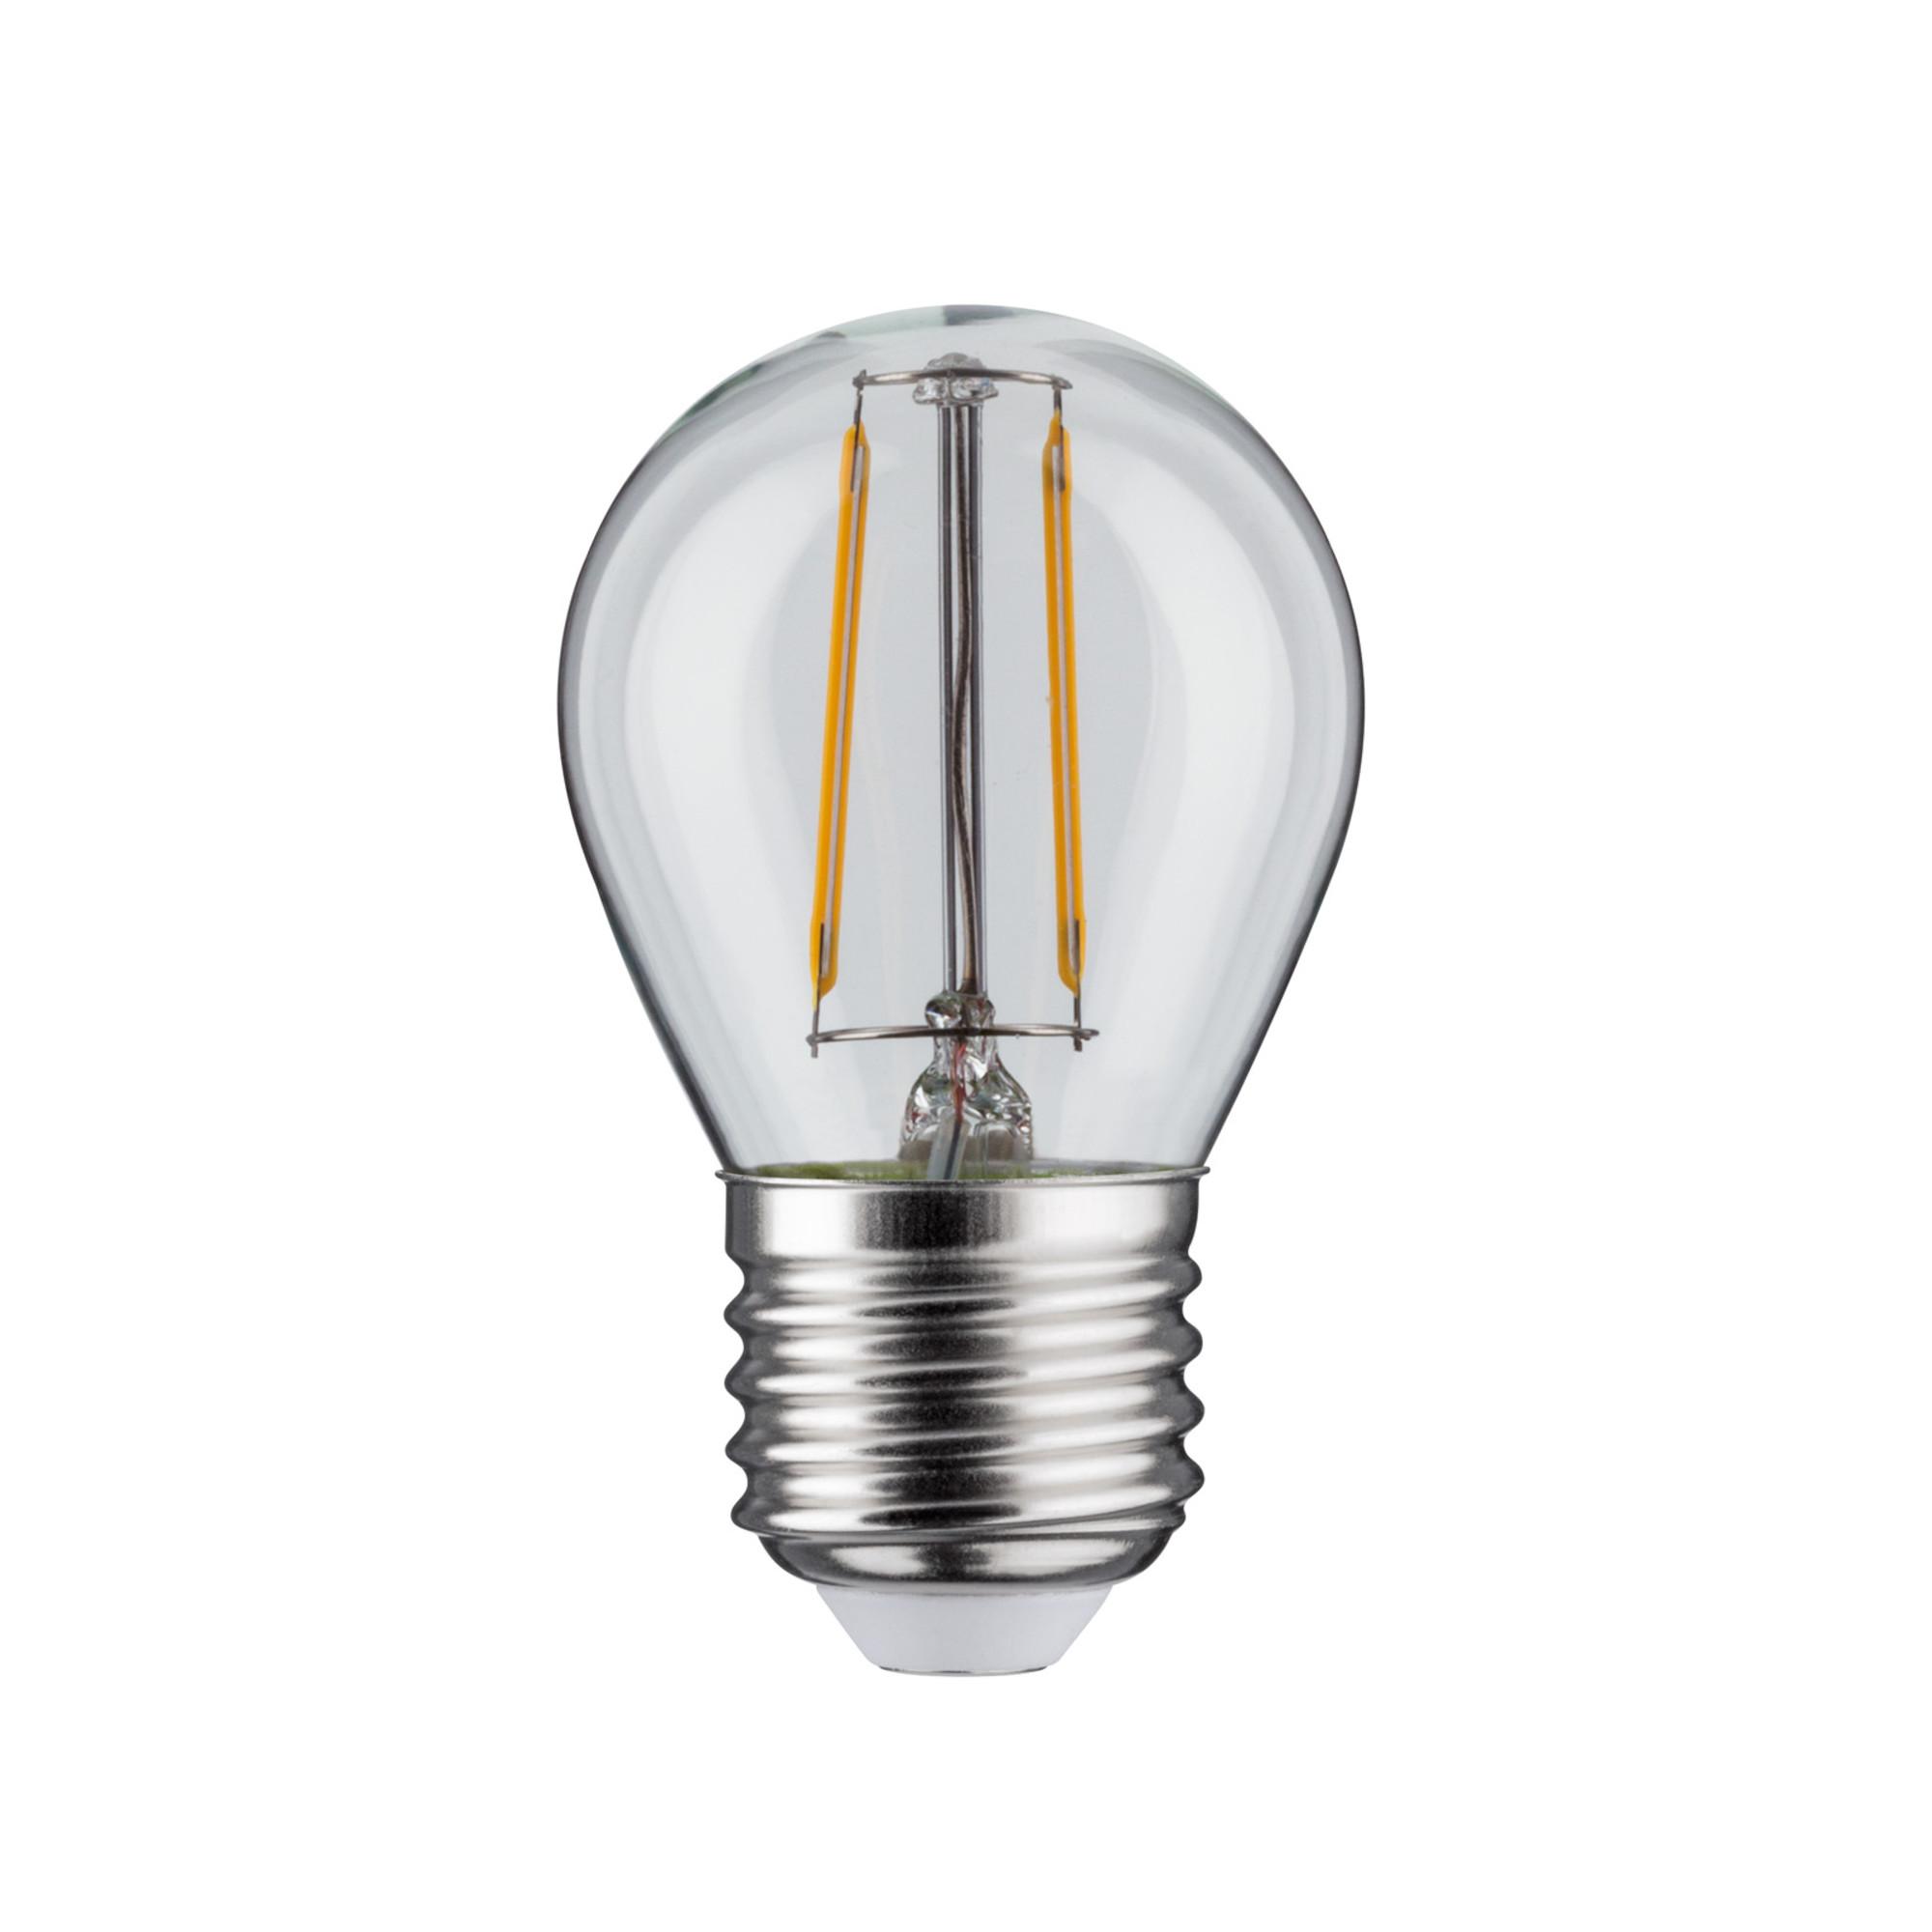 Лампа филаментная Paulmann Ретро Капля 4.5Вт 470лм 2700К Е27 230В Прозрачный С регулируемой яркостью 28480.